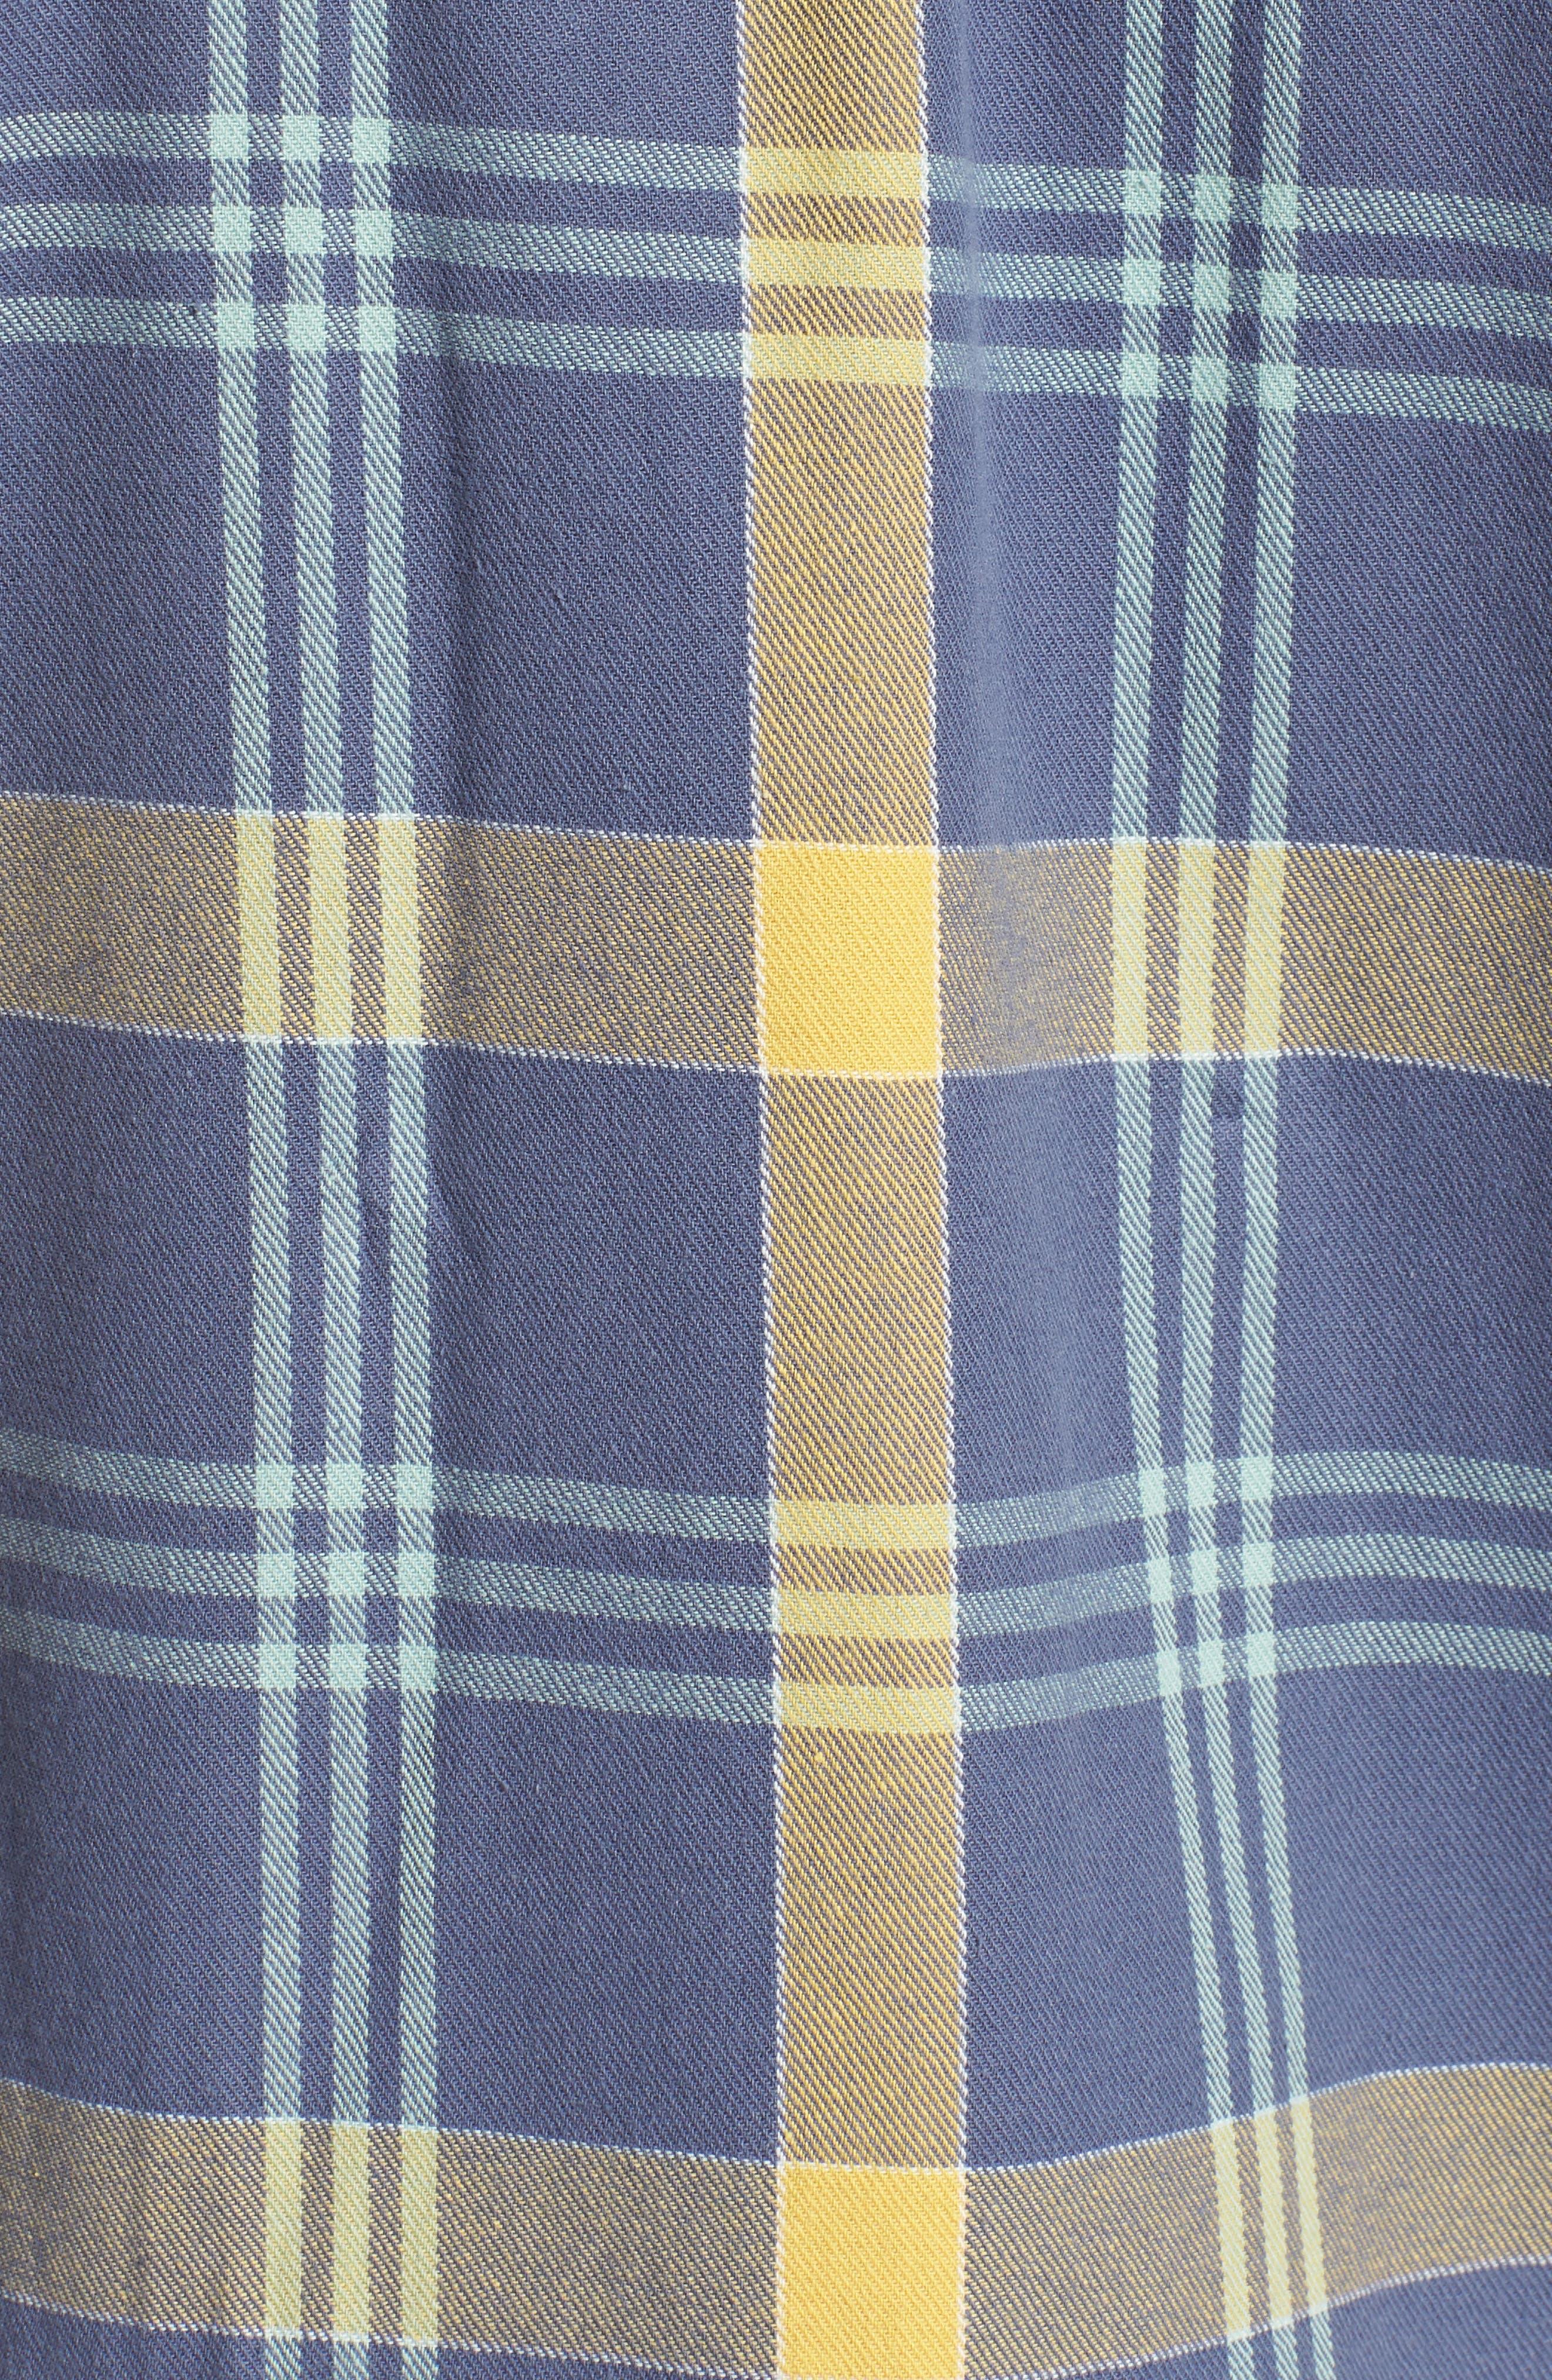 Beach Shack Twill Shirt,                             Alternate thumbnail 5, color,                             65310 Indigo/Orche Plaid